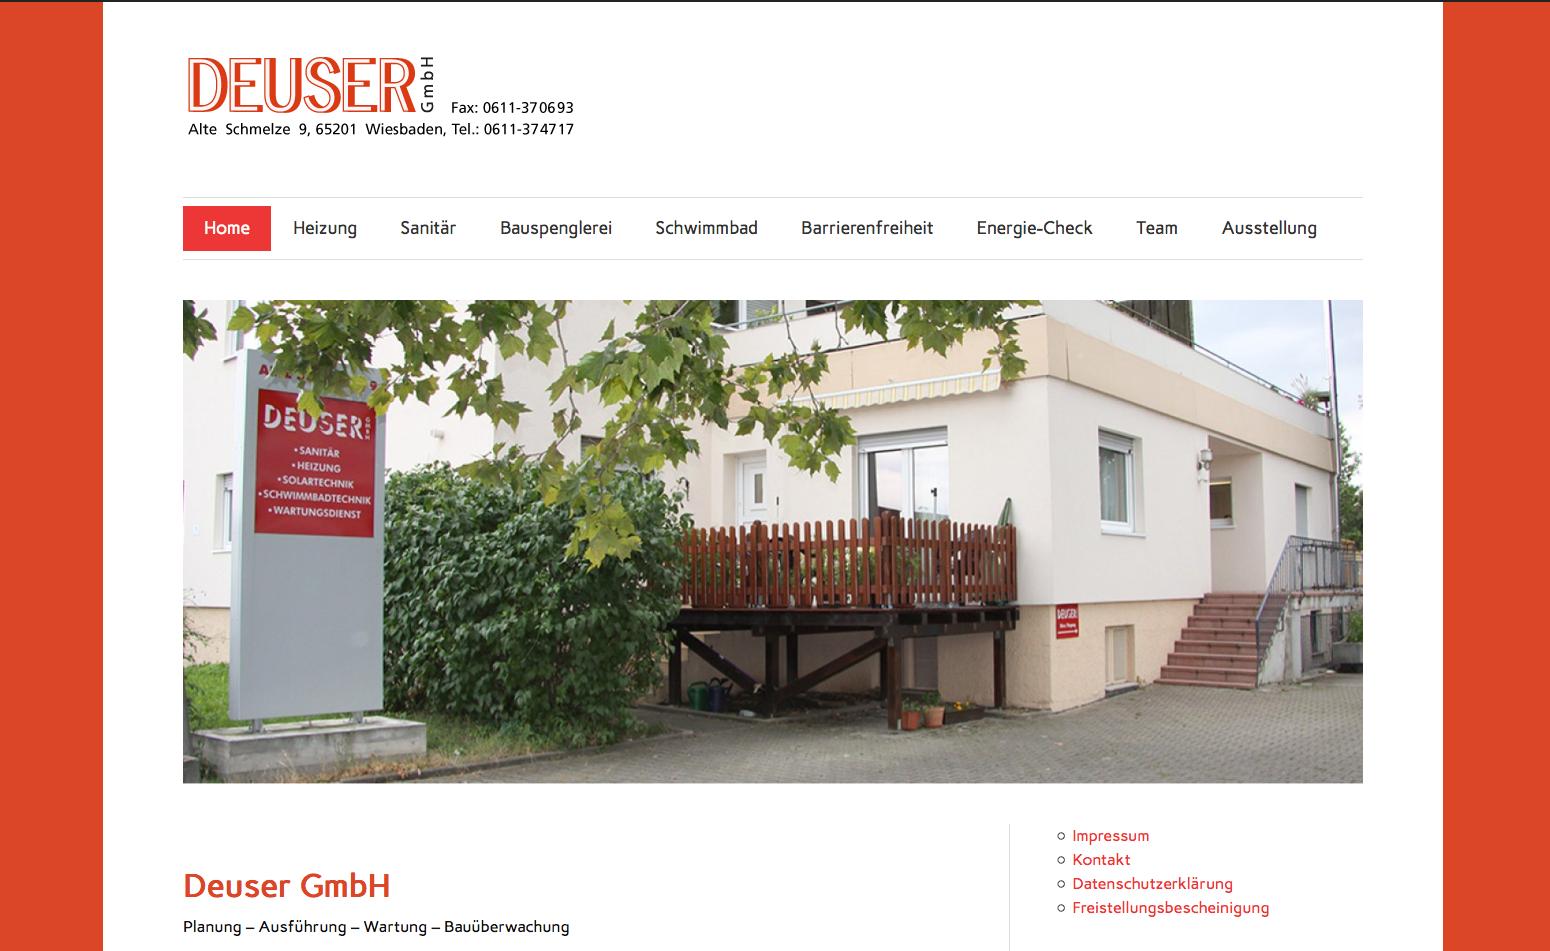 Deuser GmbH, Wiesbaden